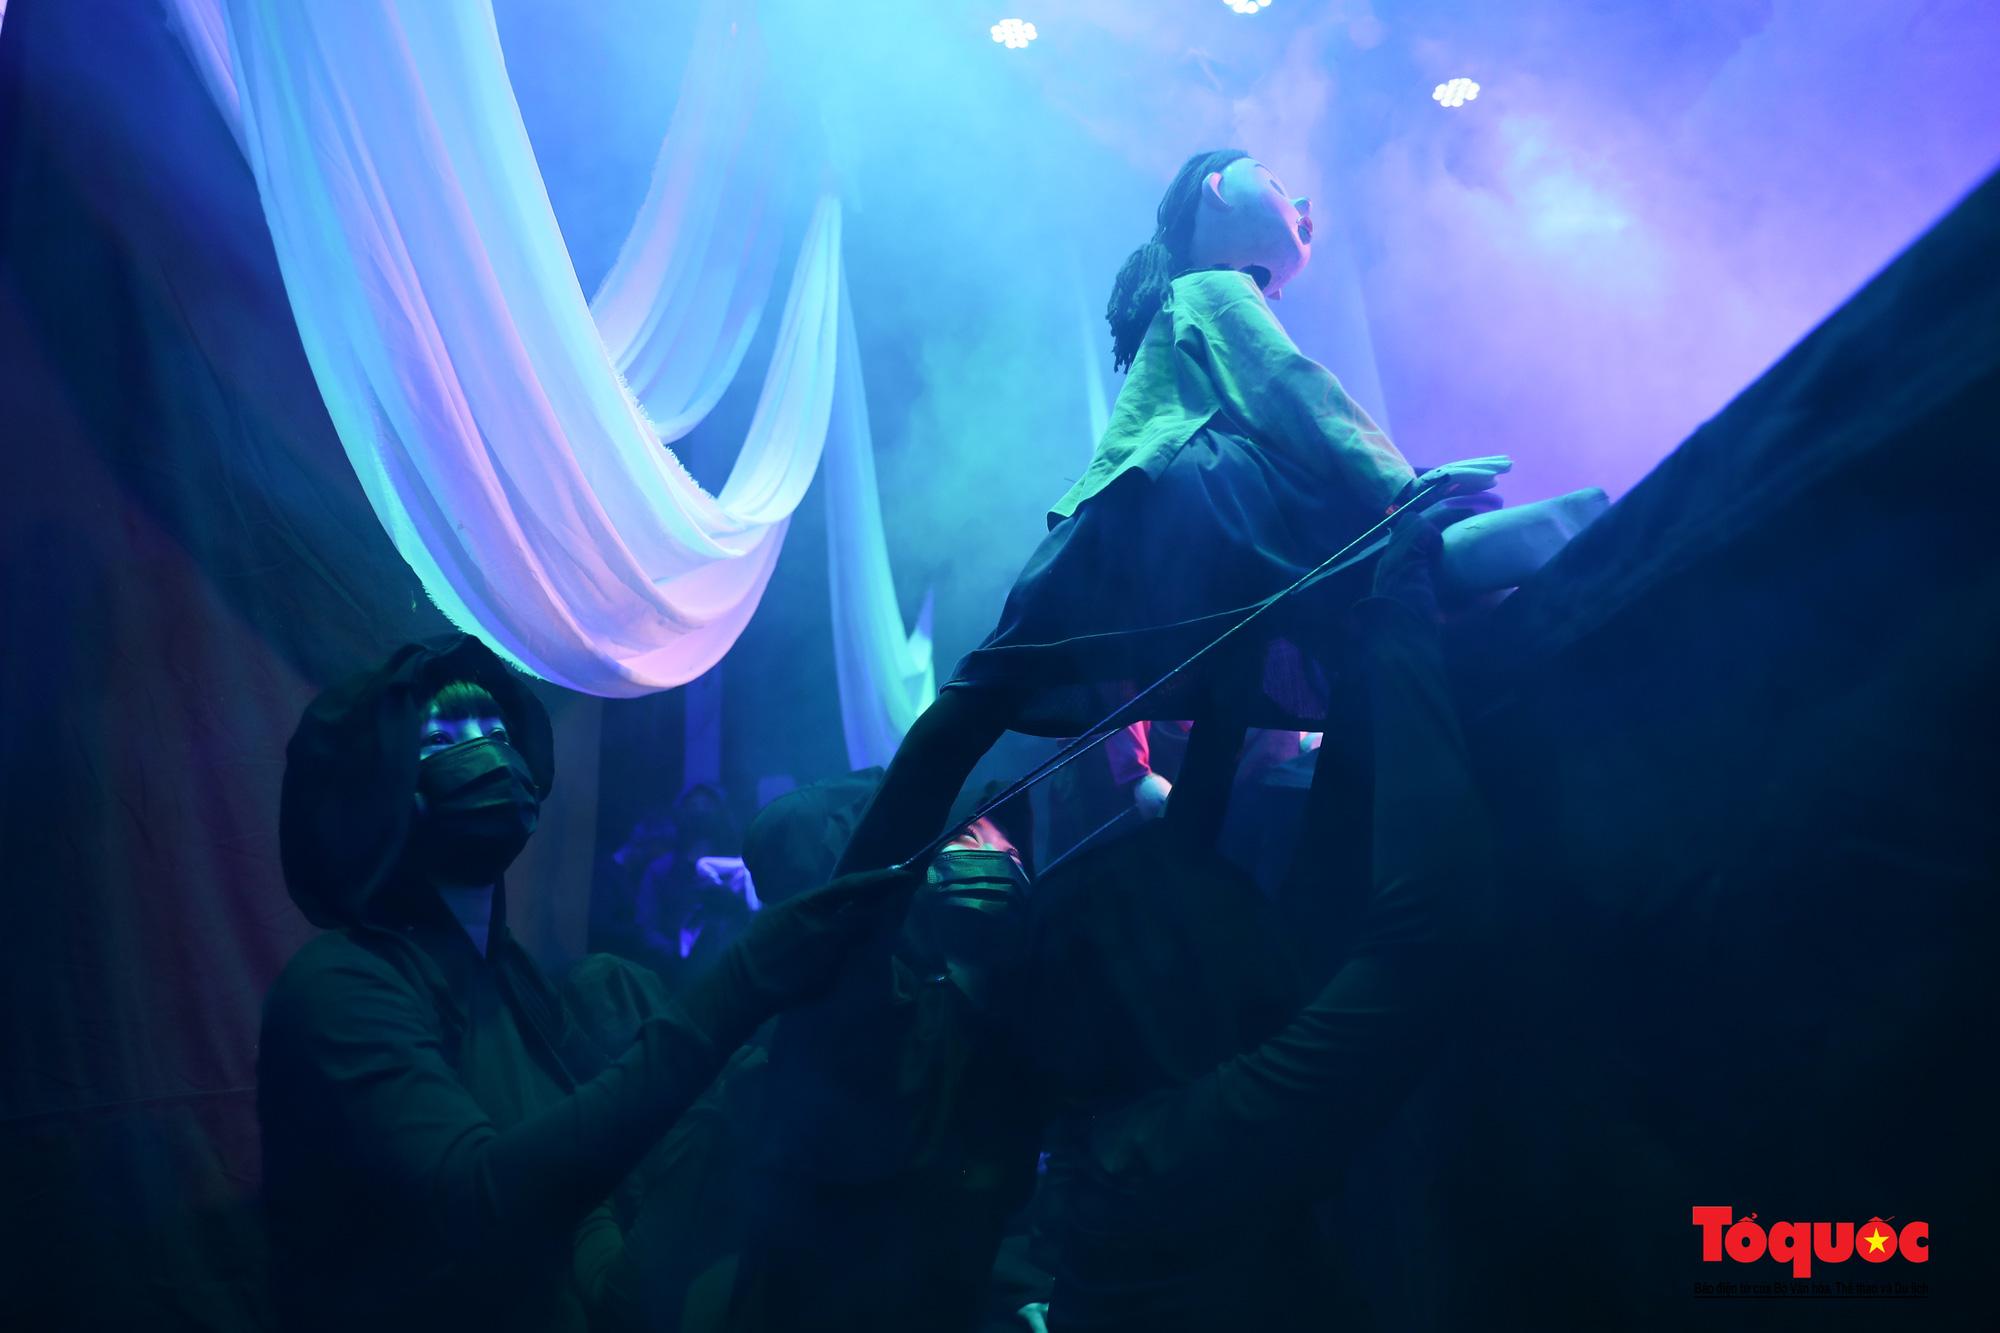 """Các nghệ sĩ múa rối hăng say luyện tập cho chương trình nghệ thuật online đặc biệt """"Trung thu cho em"""" - Ảnh 10."""